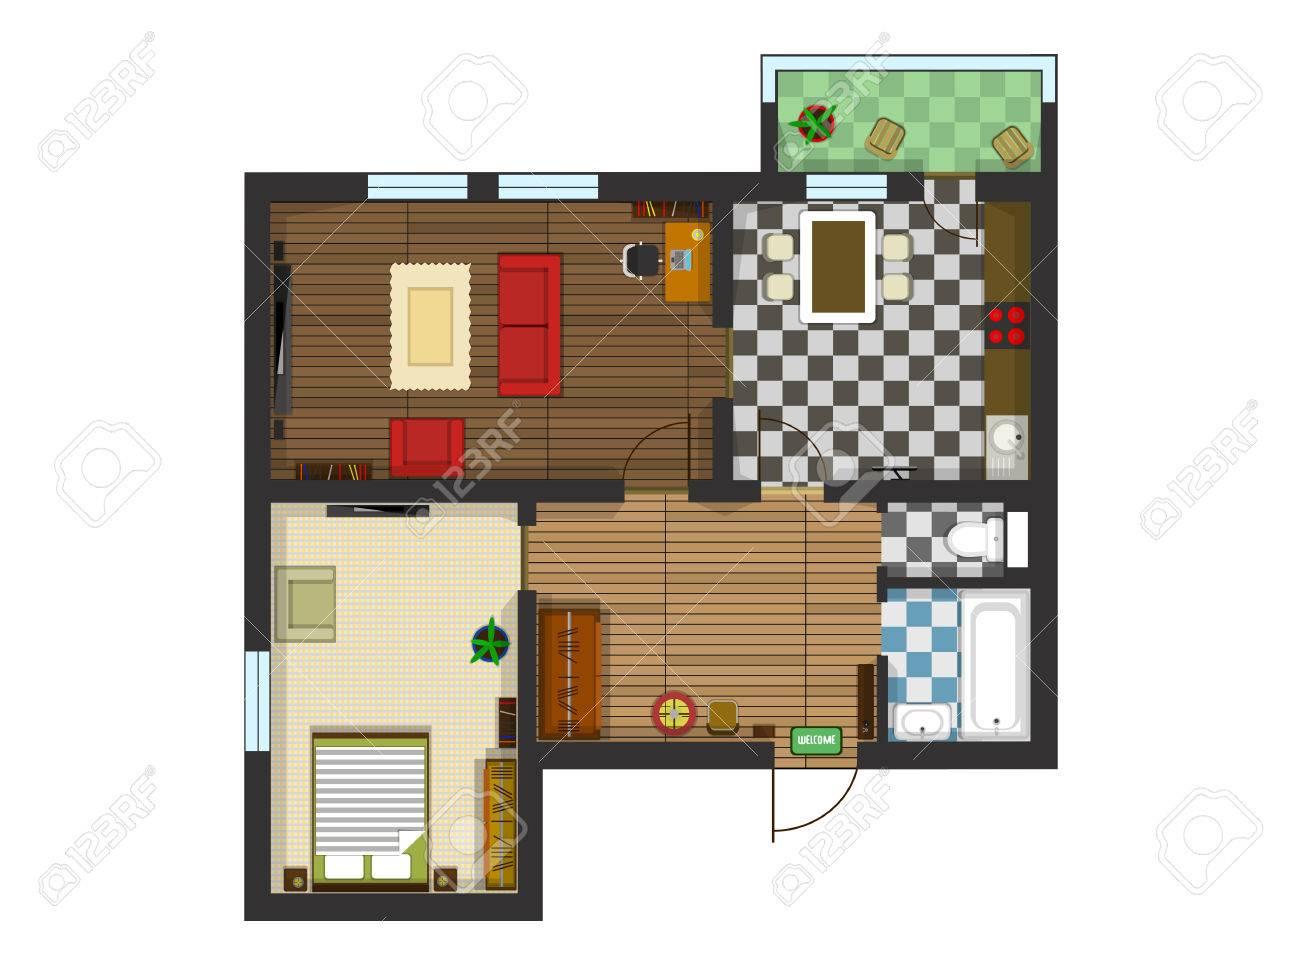 Plan Der Wohnung Mit Möbeln. Küche, Wohnzimmer, Schlafzimmer Und ...